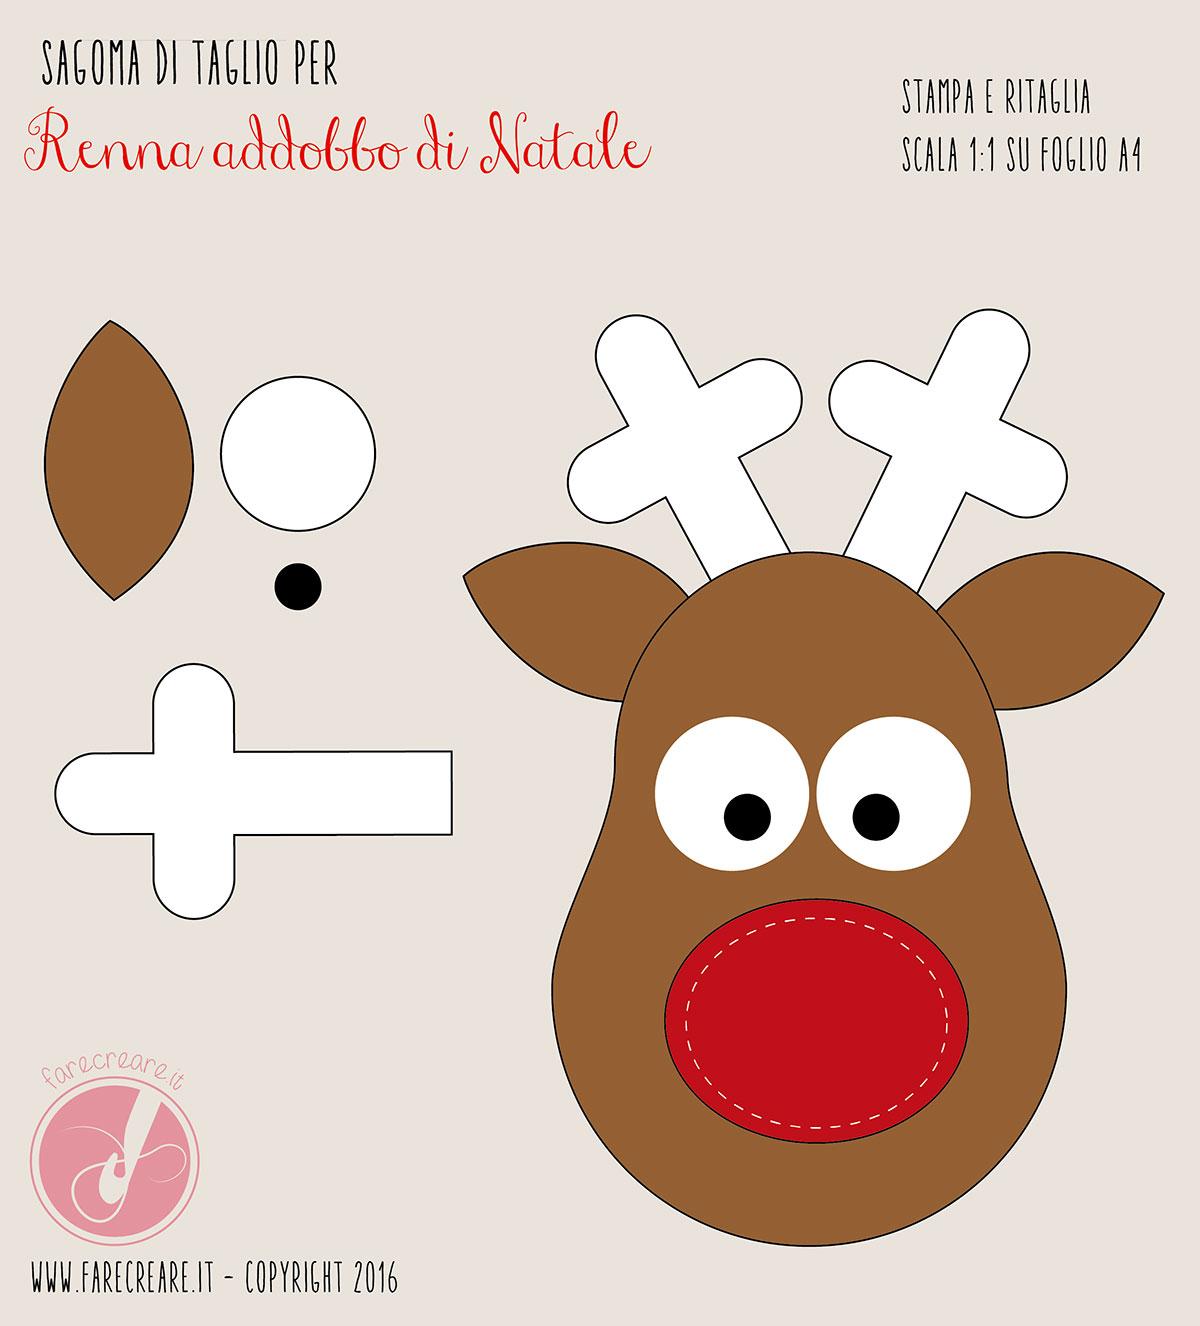 Etichette Natalizie Da Stampare rudolf, la renna di natale in feltro da appendere: schema di